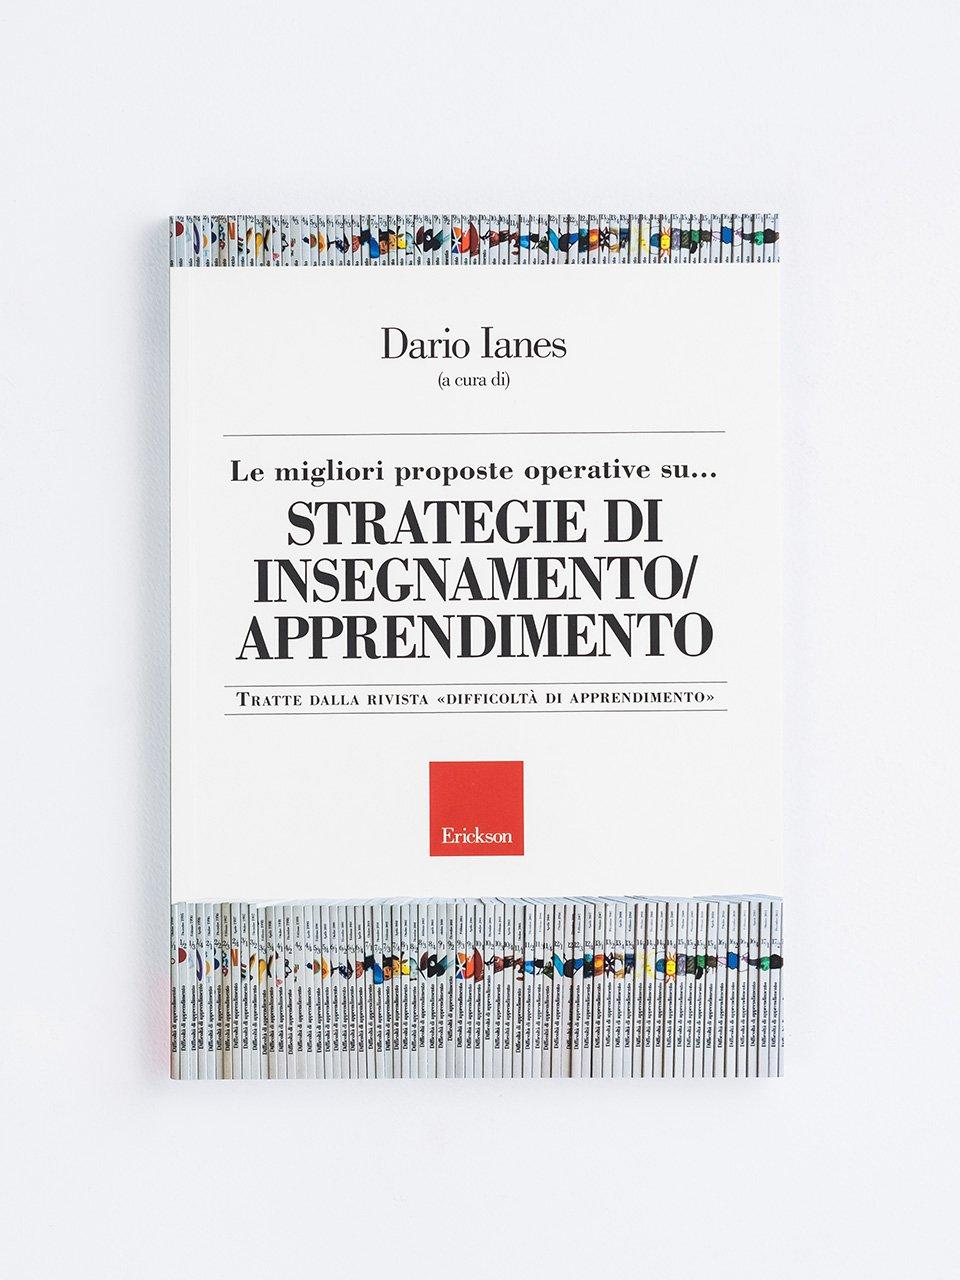 Le migliori proposte operative su... STRATEGIE DI INSEGNAMENTO - APPRENDIMENTO - Competenze e valutazione metodologica - Libri - Erickson